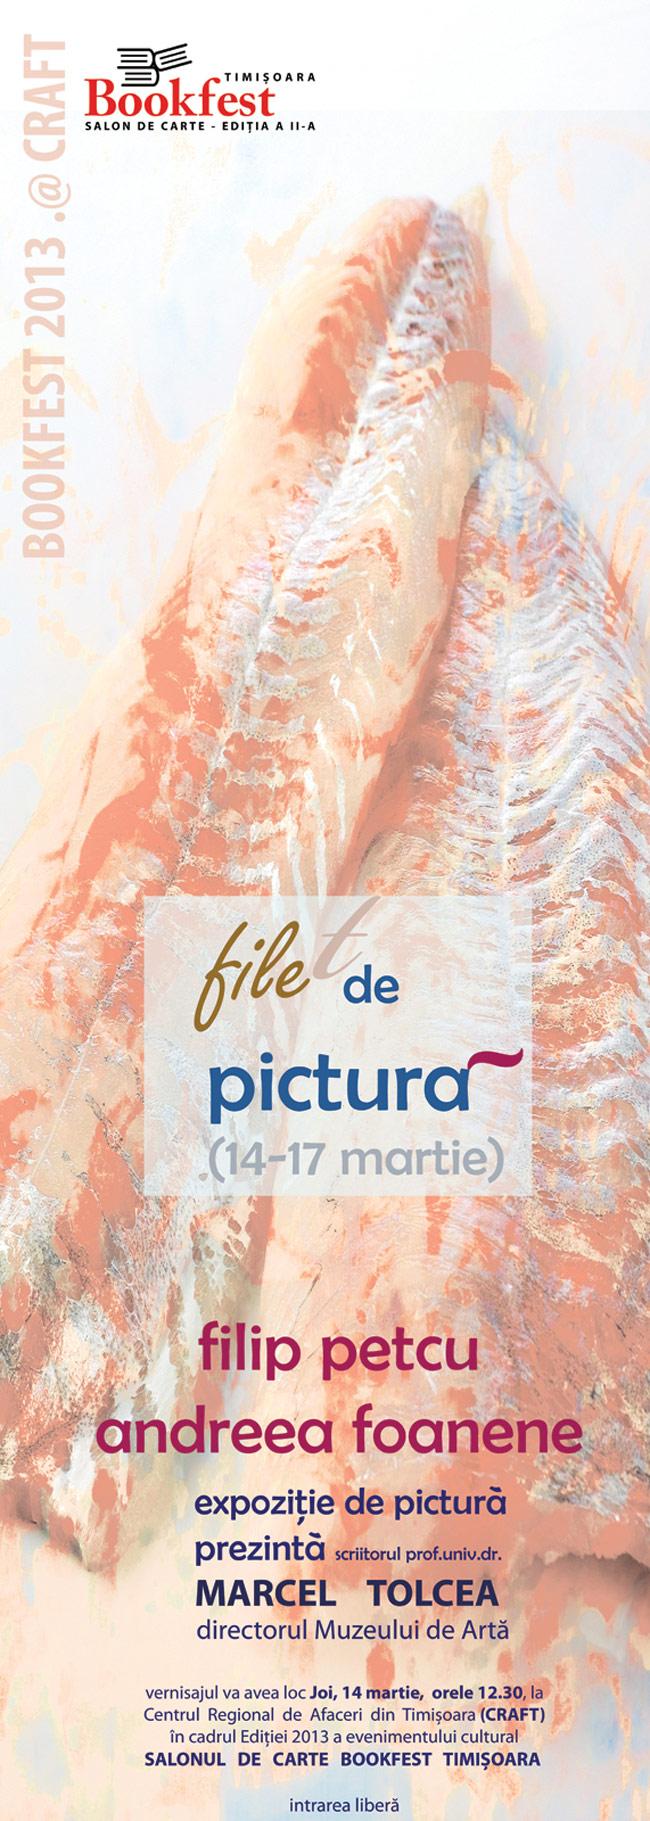 """Andreea Foanene și Filip Petcu """"File de pictură"""" @ Salonul de Carte Bookfest, Timişoara 2013"""